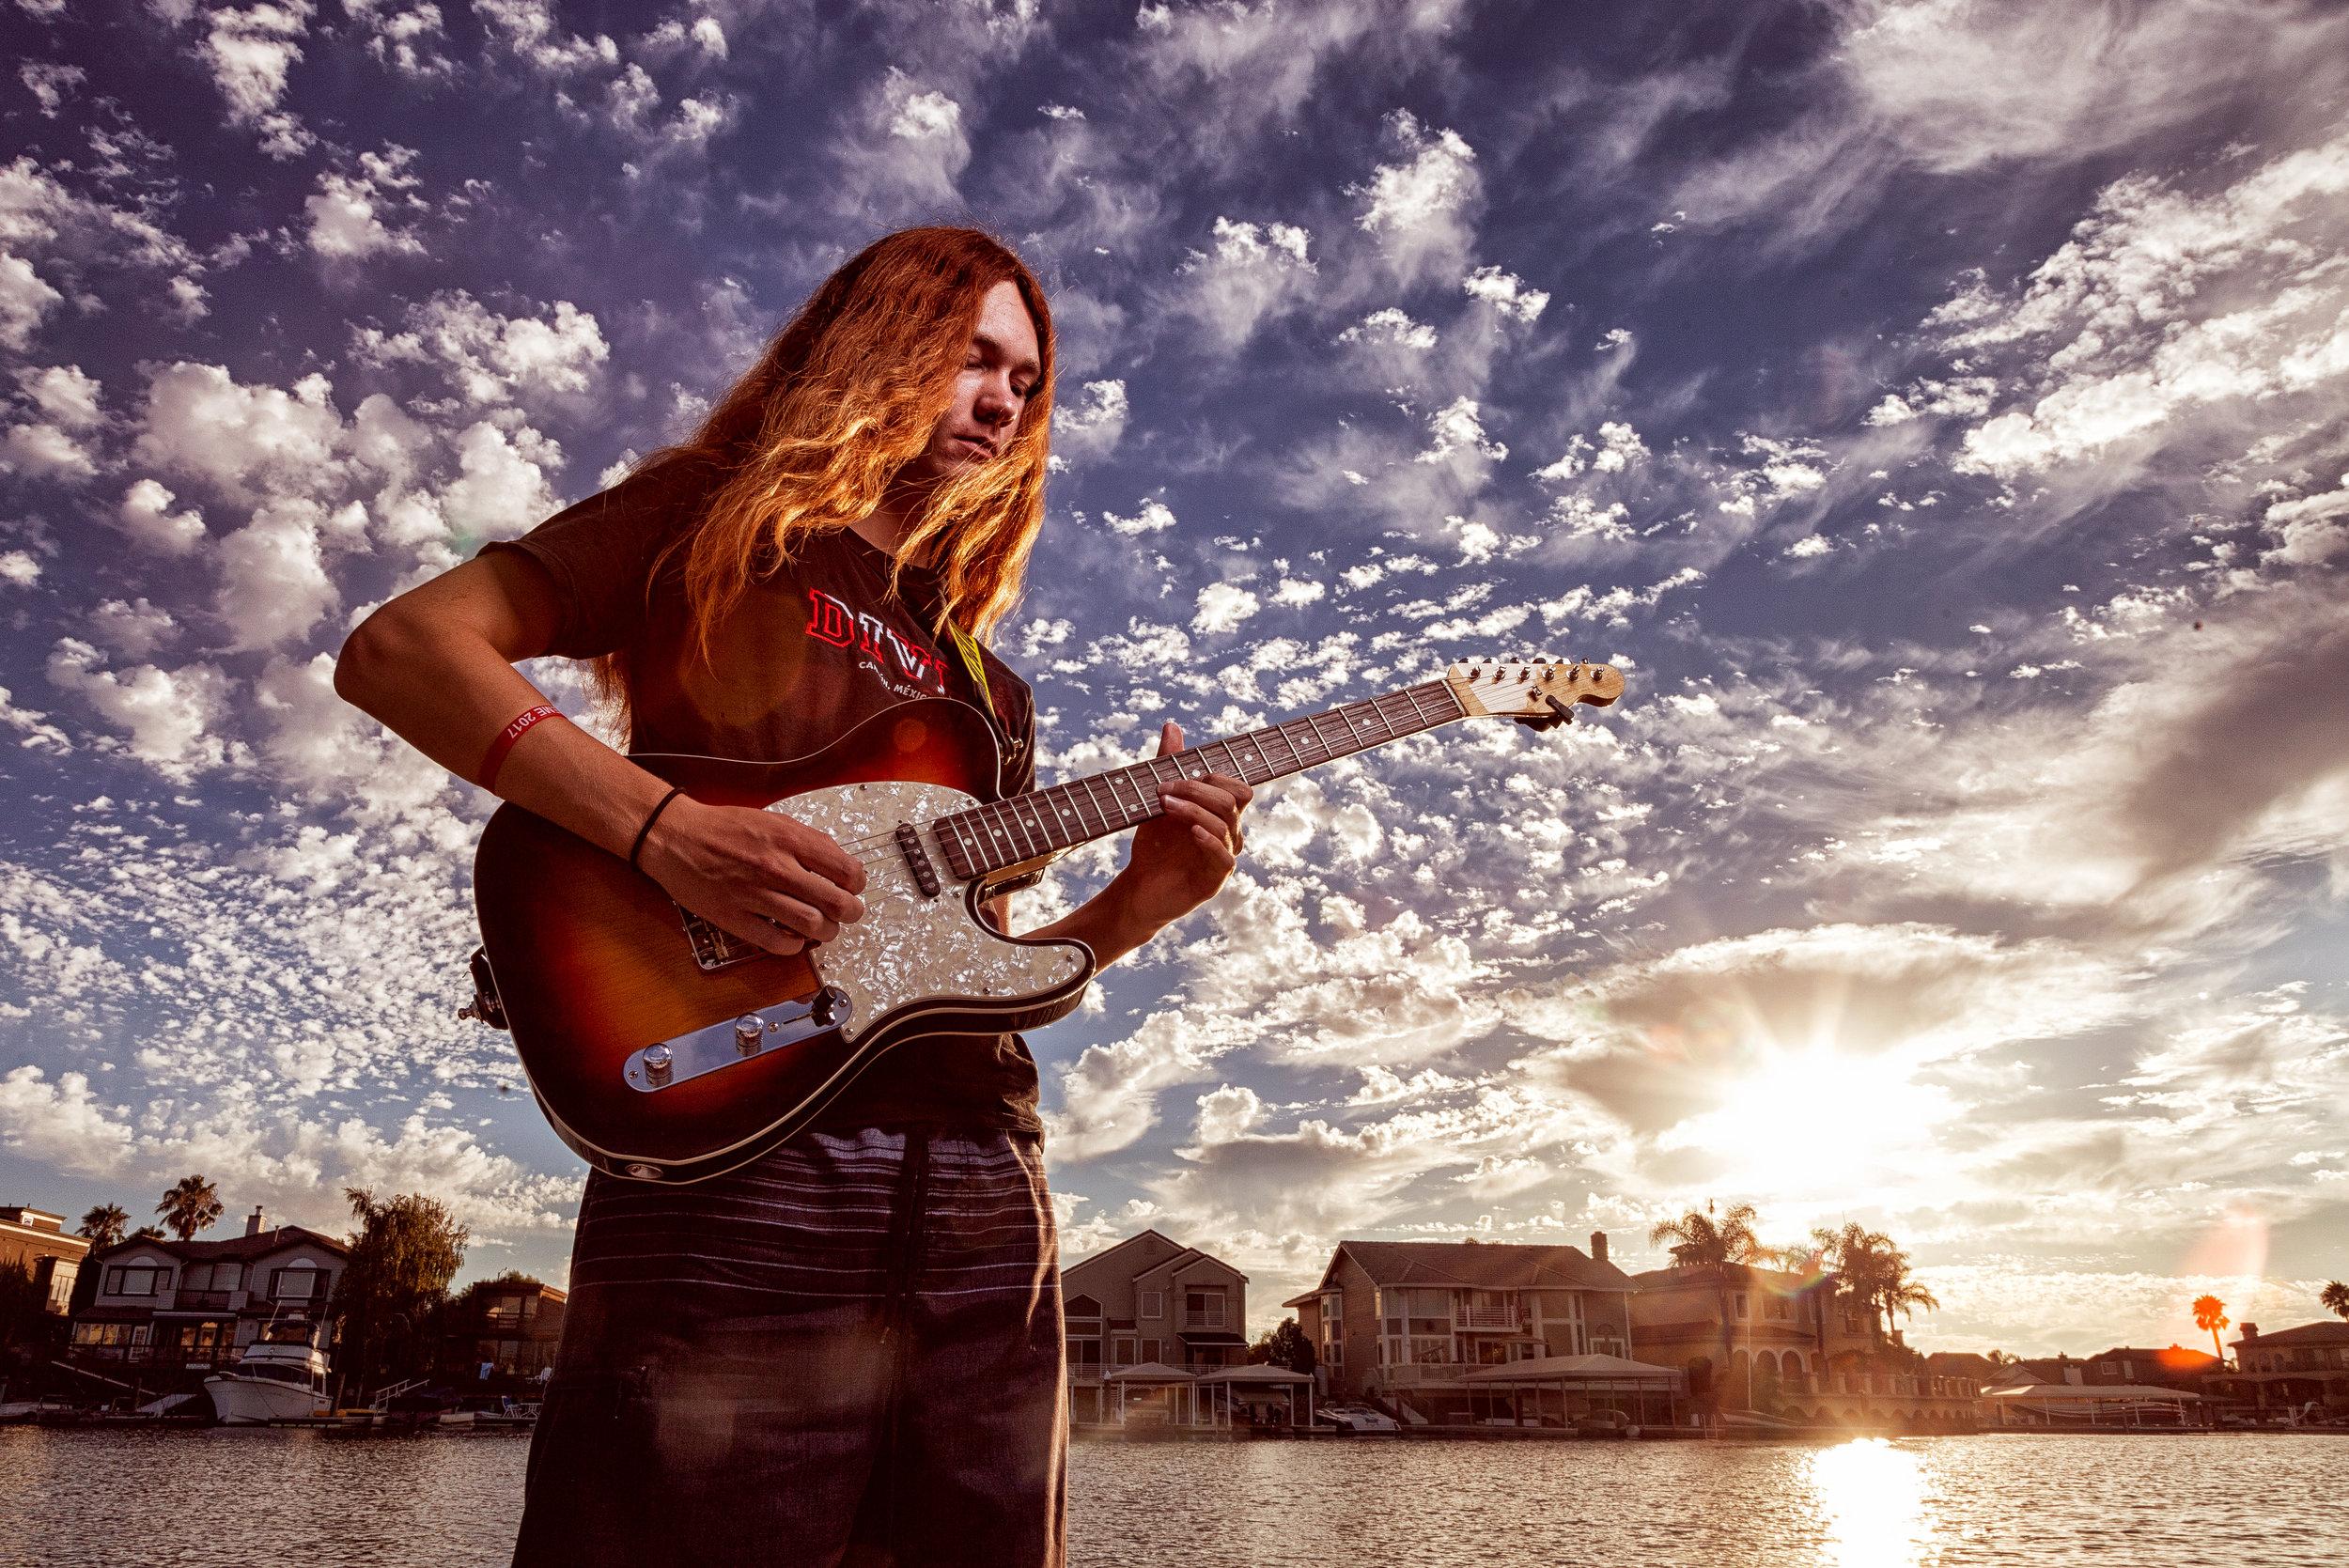 kyle_guitar (1 of 1).jpg